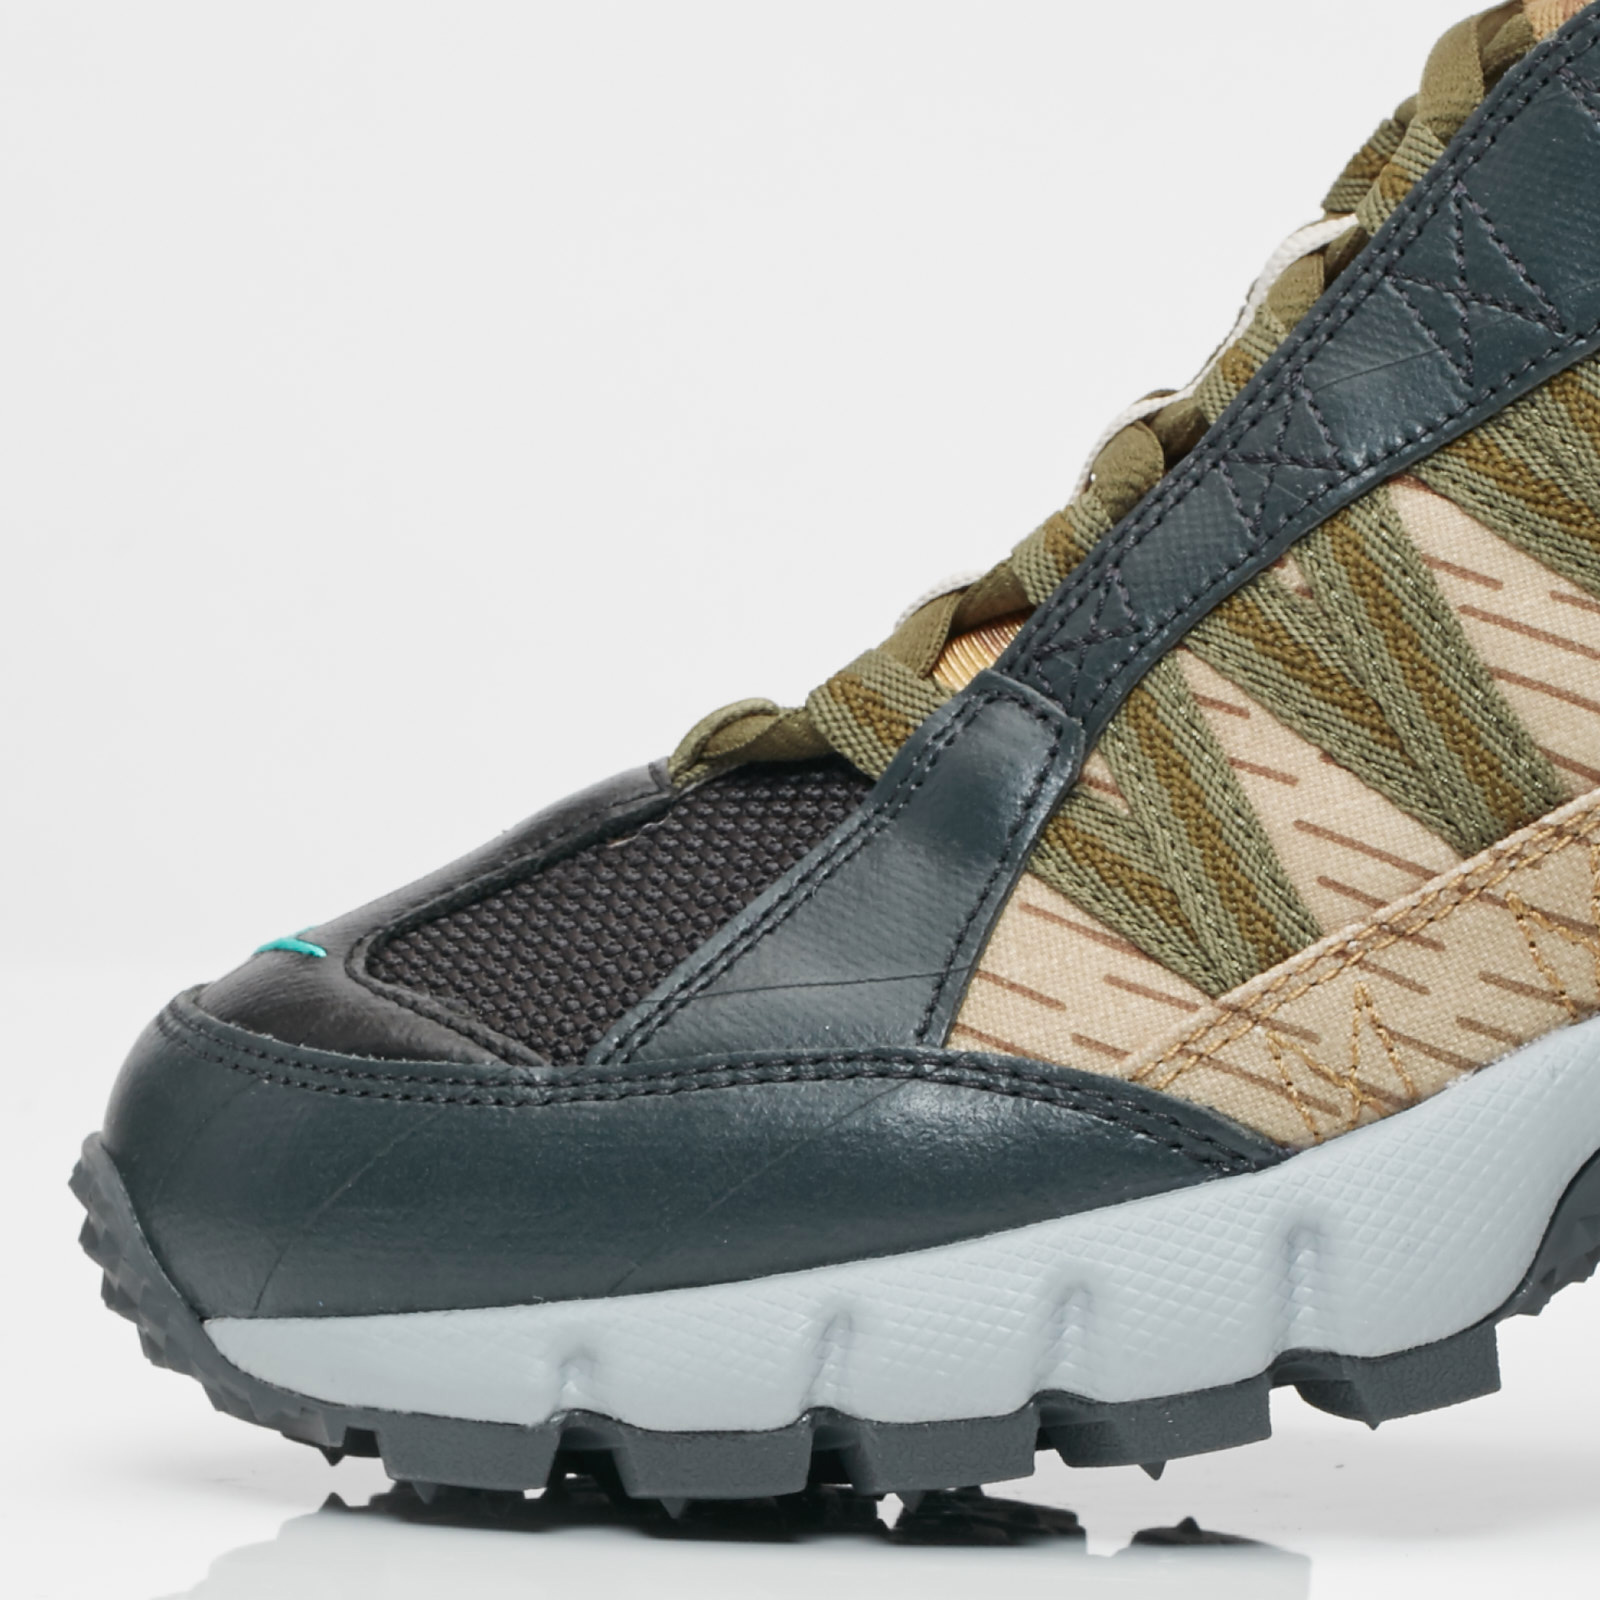 4f5446538e49 Nike Air Humara 17 Premium - Ao2606-001 - Sneakersnstuff